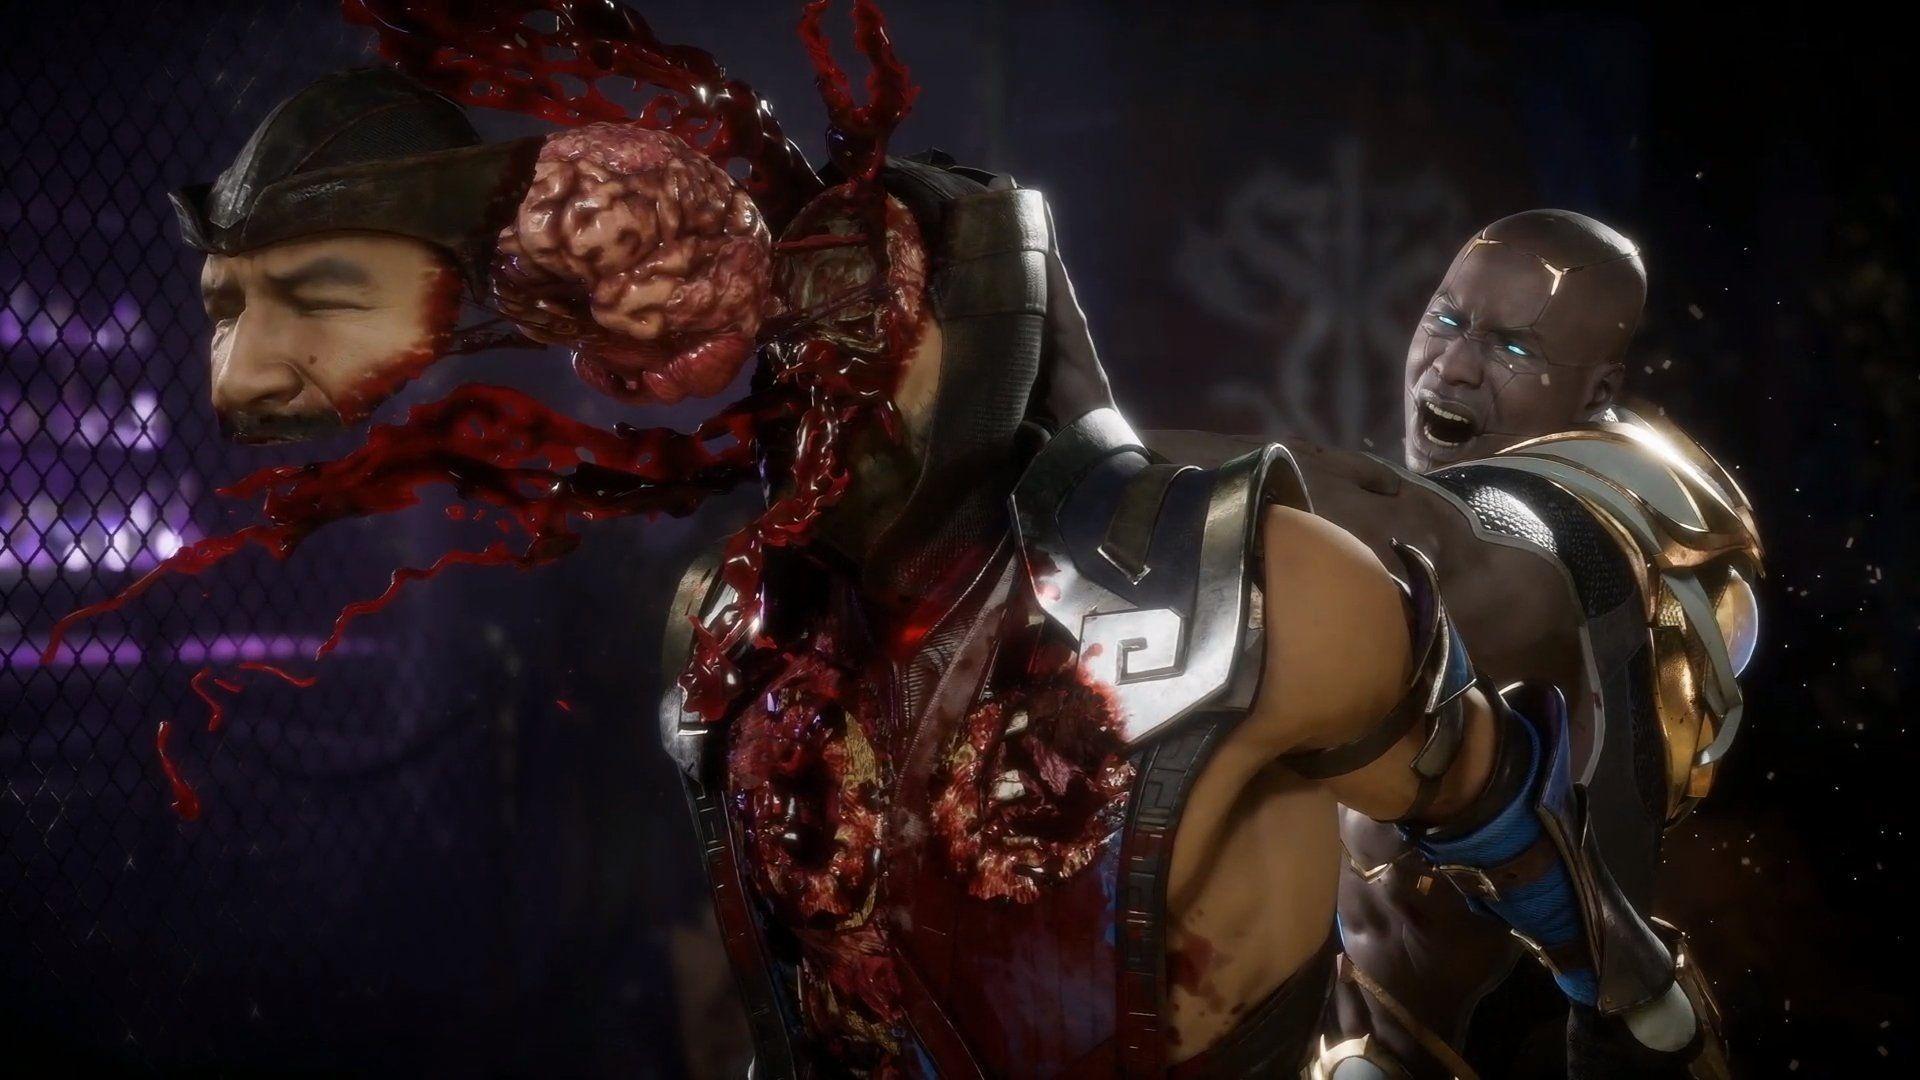 Un Fatality de Mortal Kombat